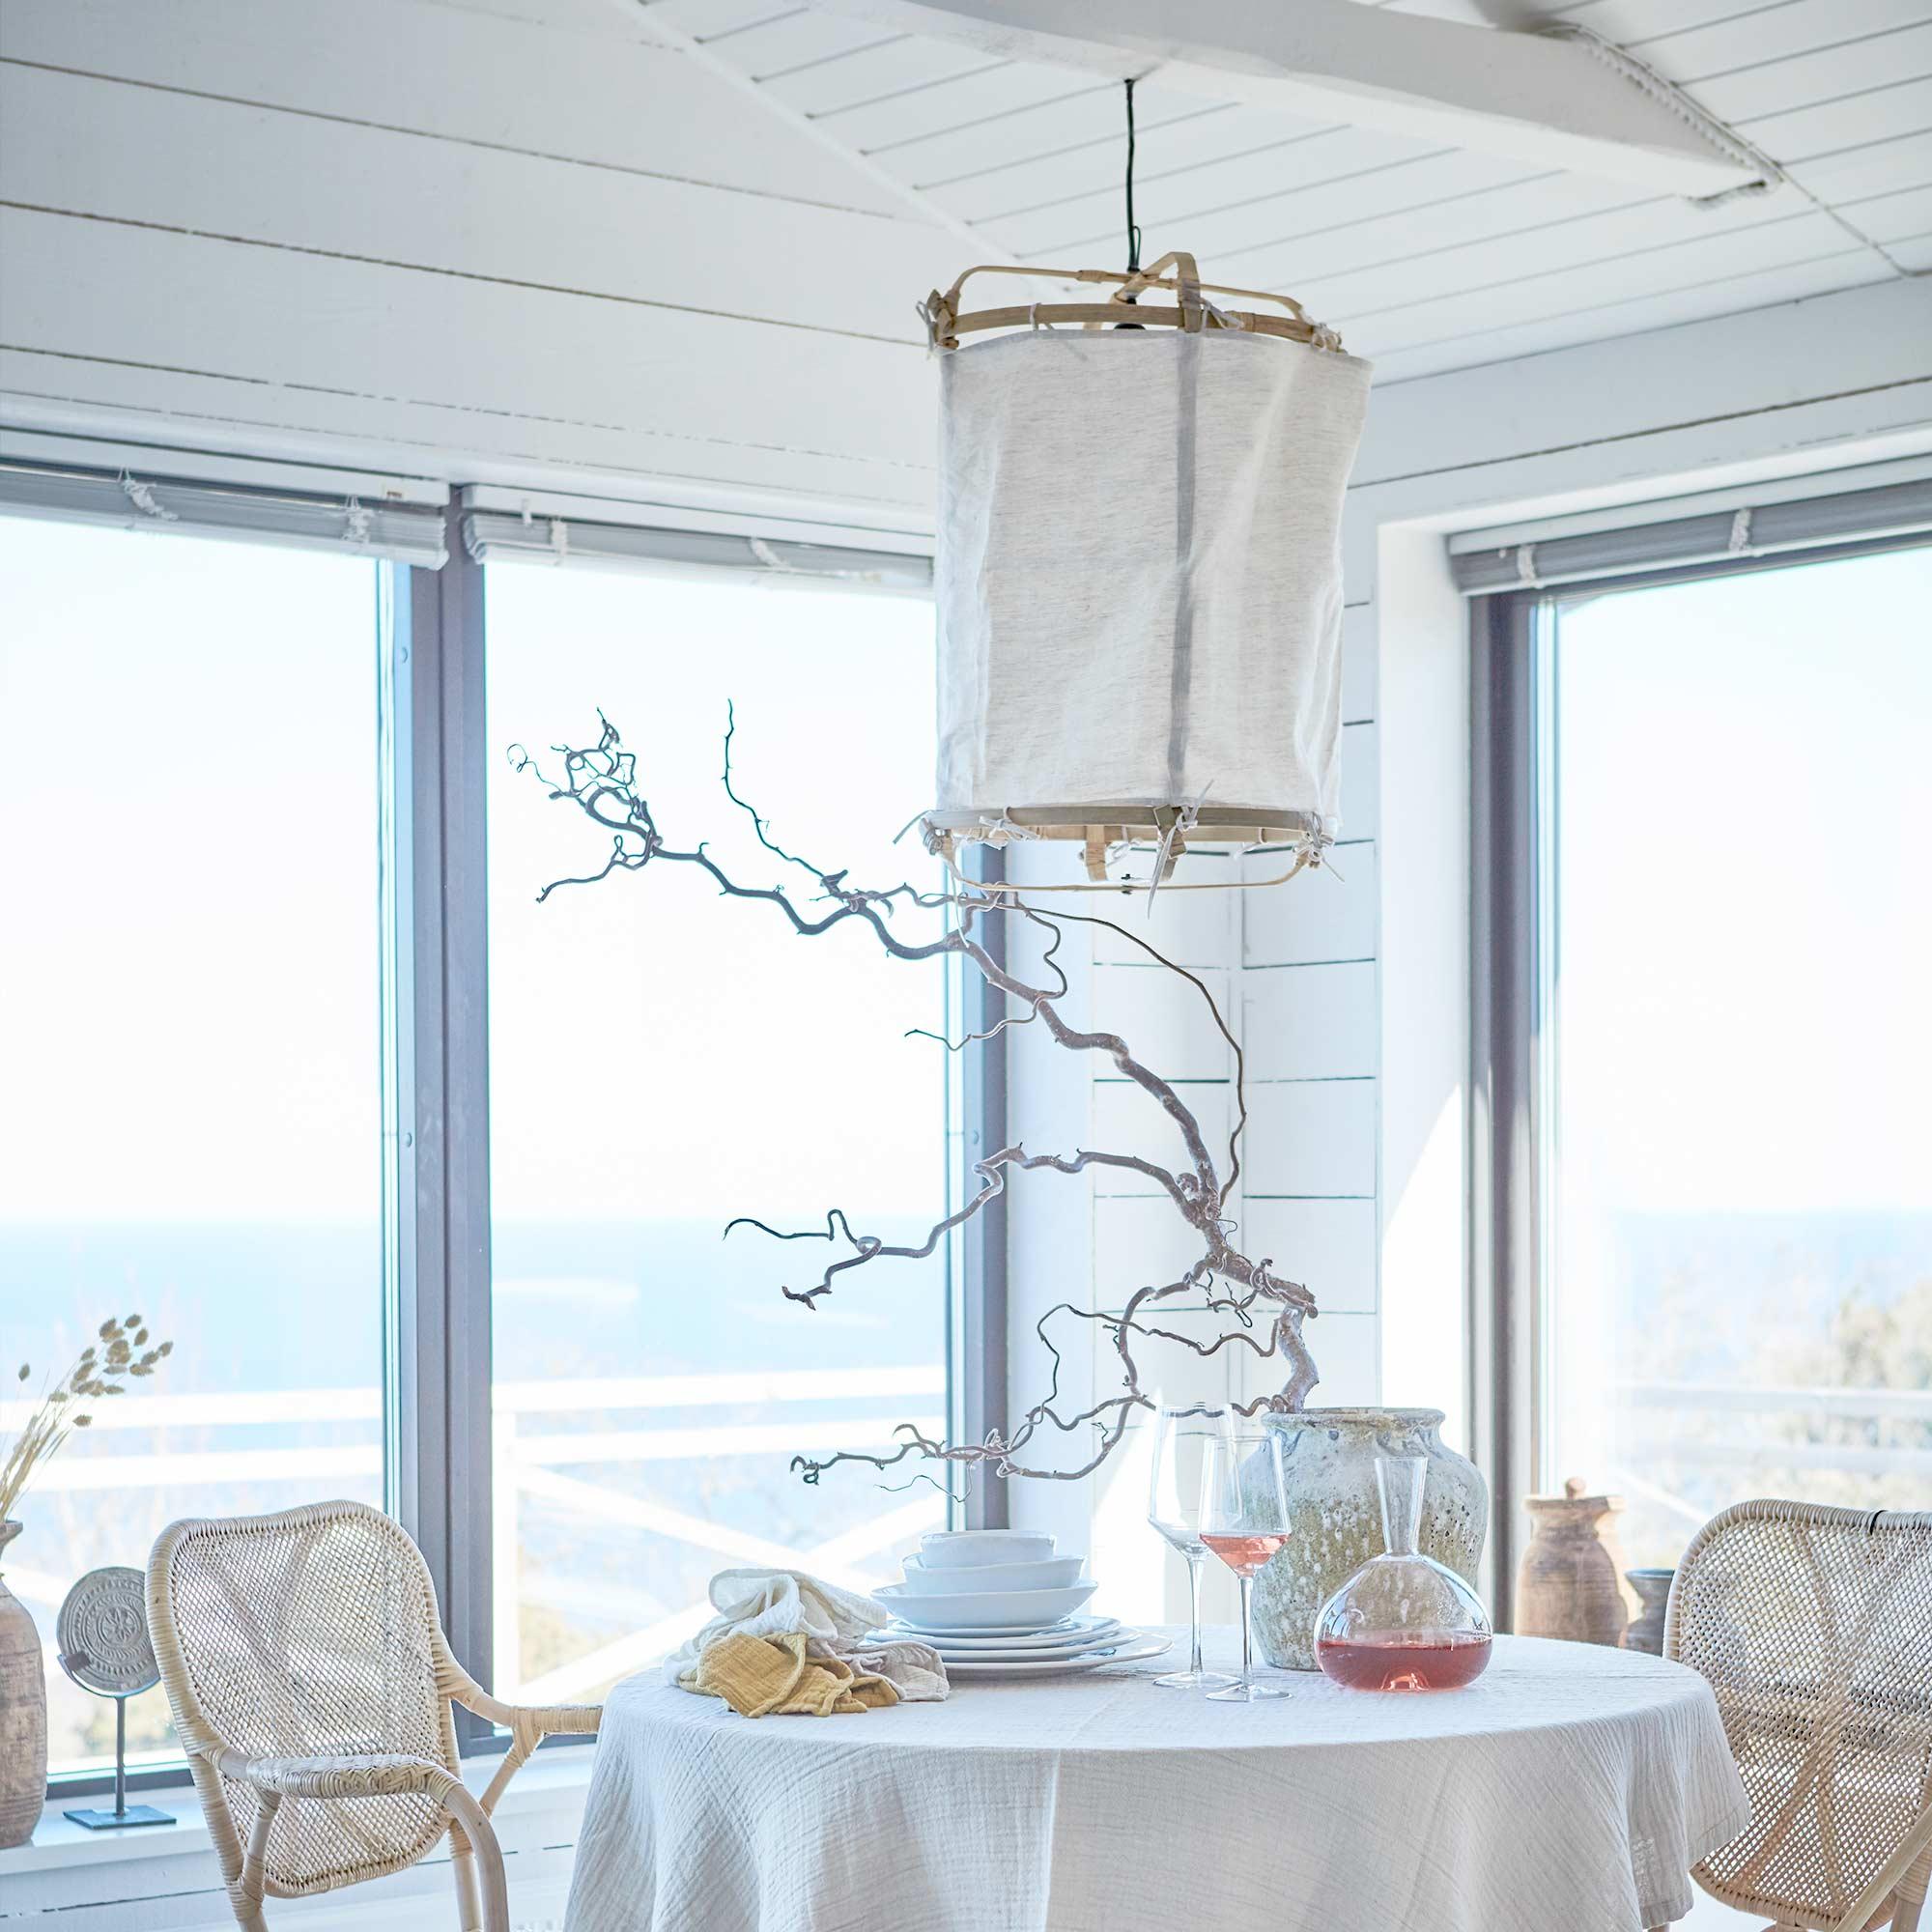 Einrichtung im Strandhaus Stil Deko, Einrichtungsideen und Inspiration zur Dekoration im Strandhausstil mit weißer Hängelampe & Muschel Accessoires im Whiteliving Style. Onlineshop